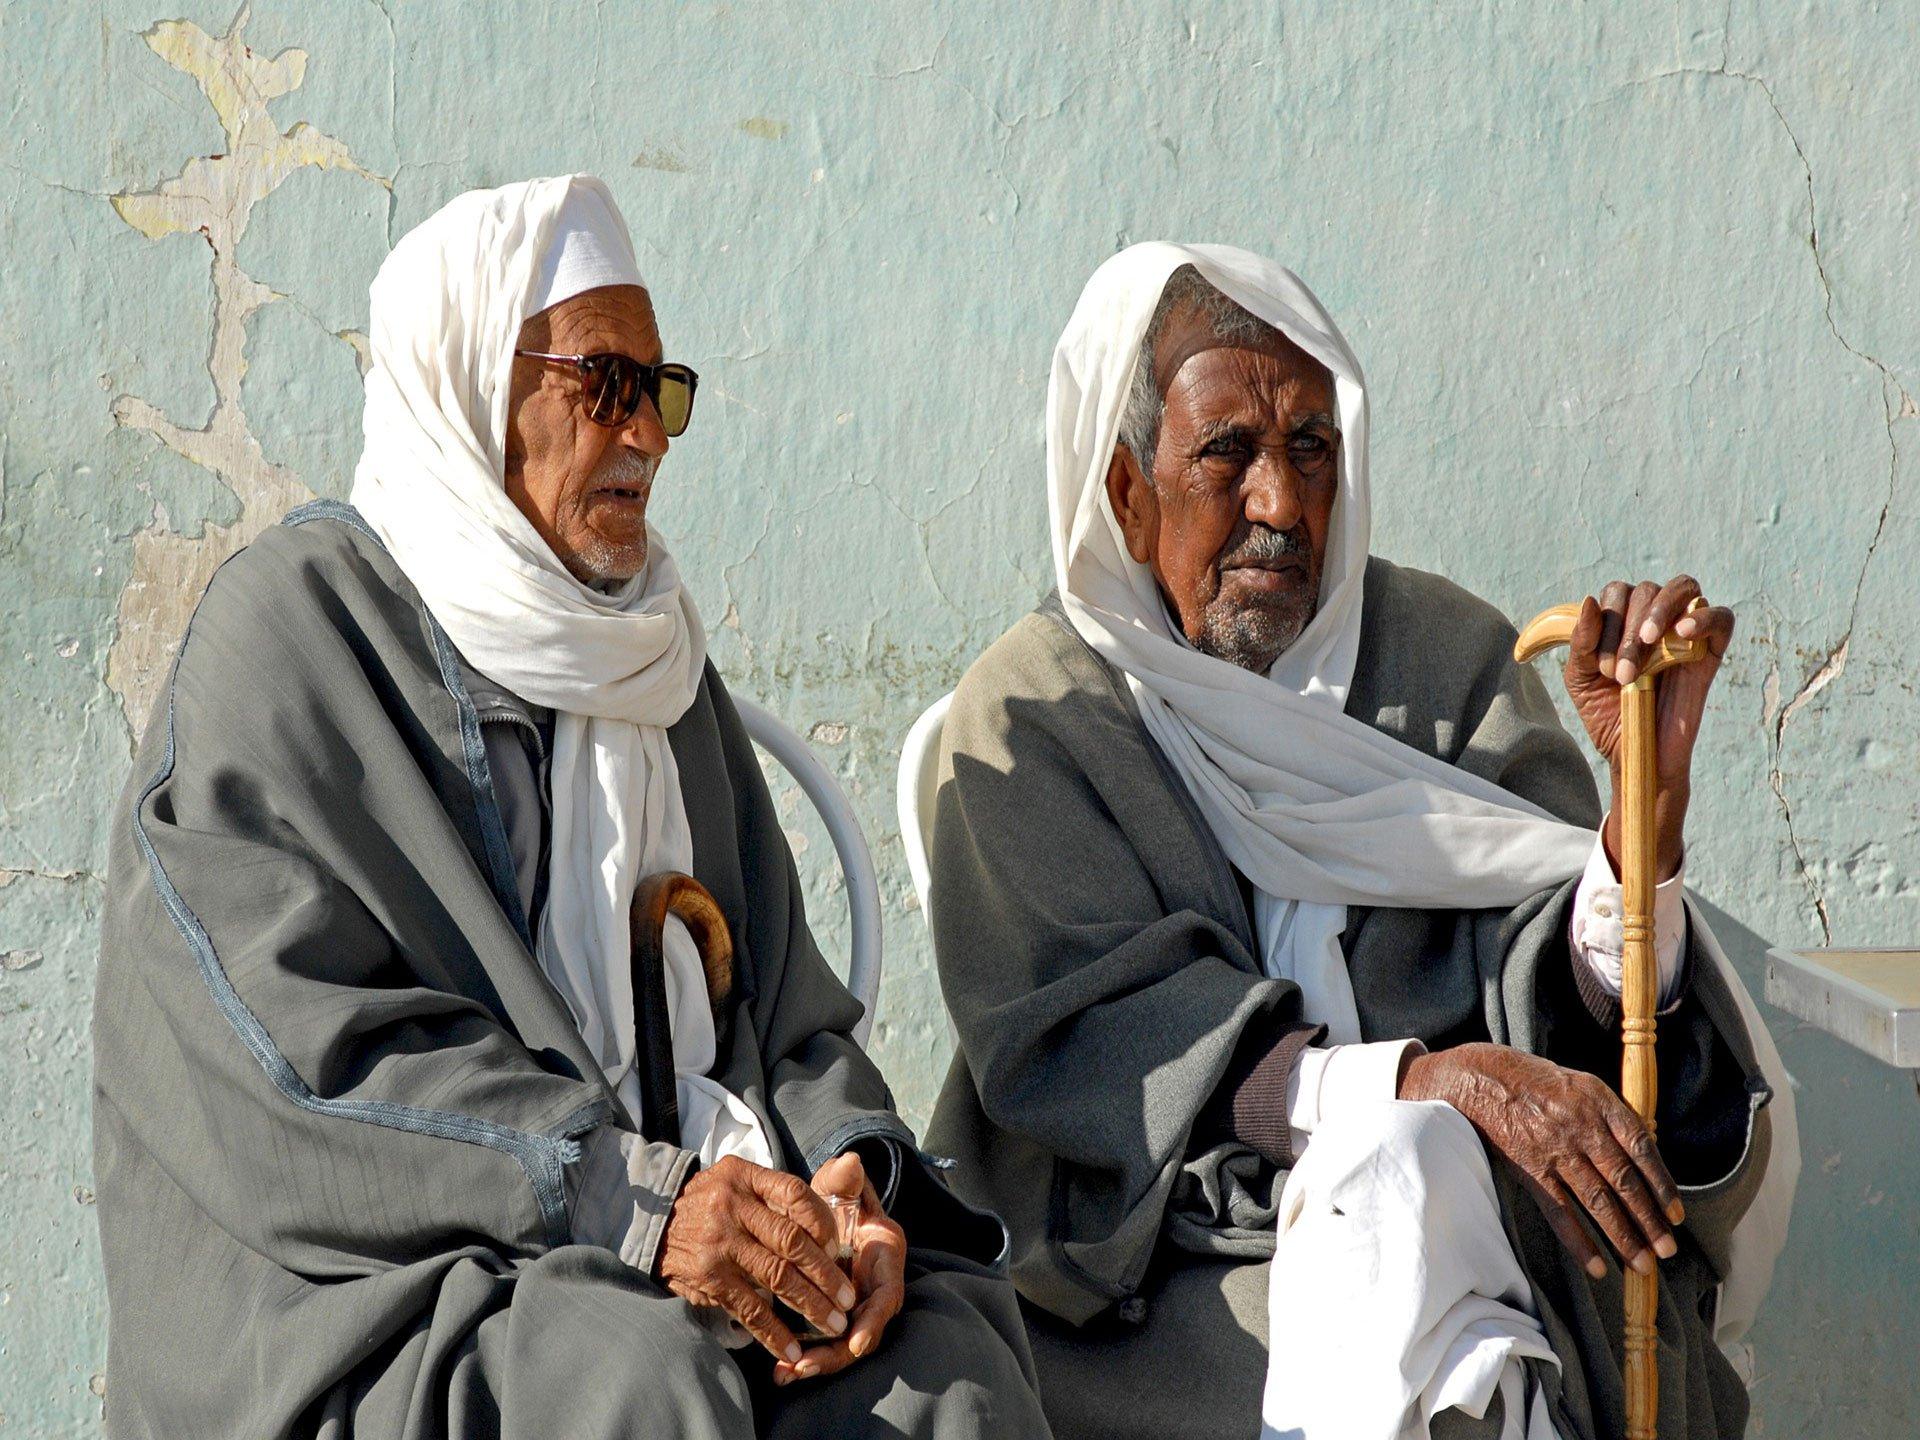 tunisia_Beduini_1920x1440